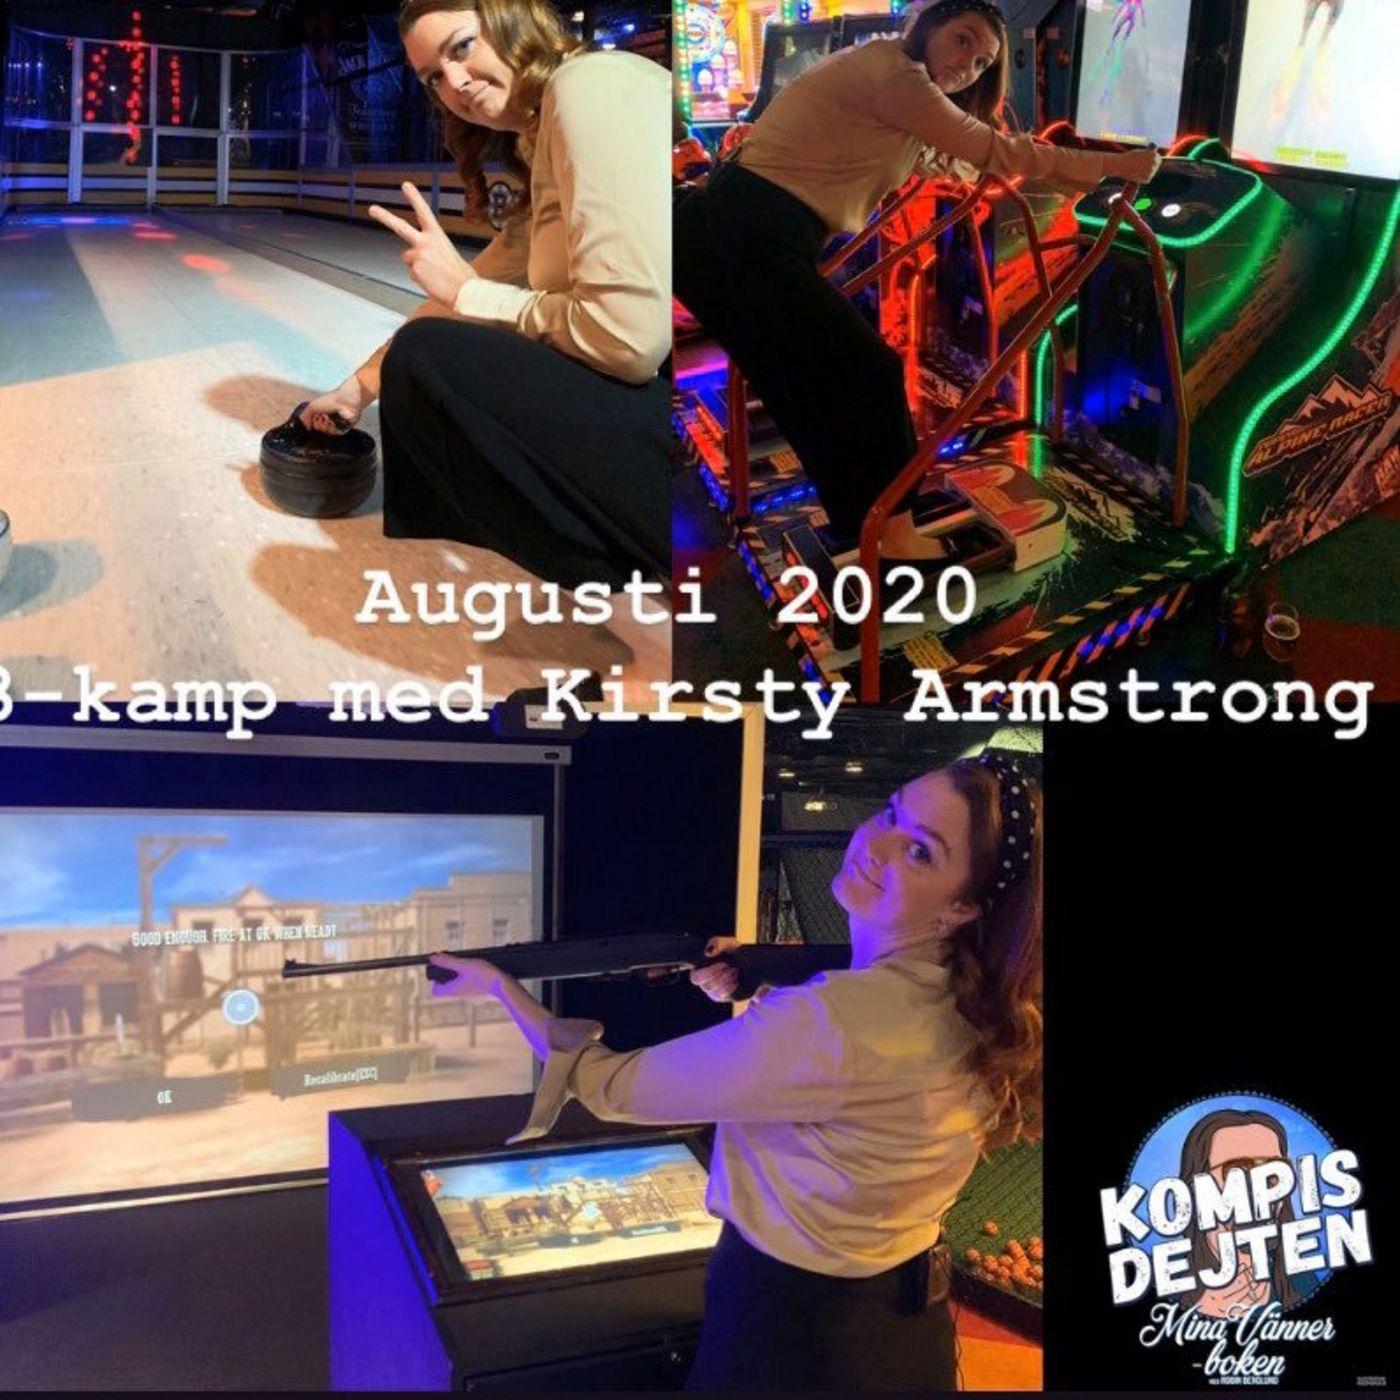 Kompisdejten augusti 2020 TEASER